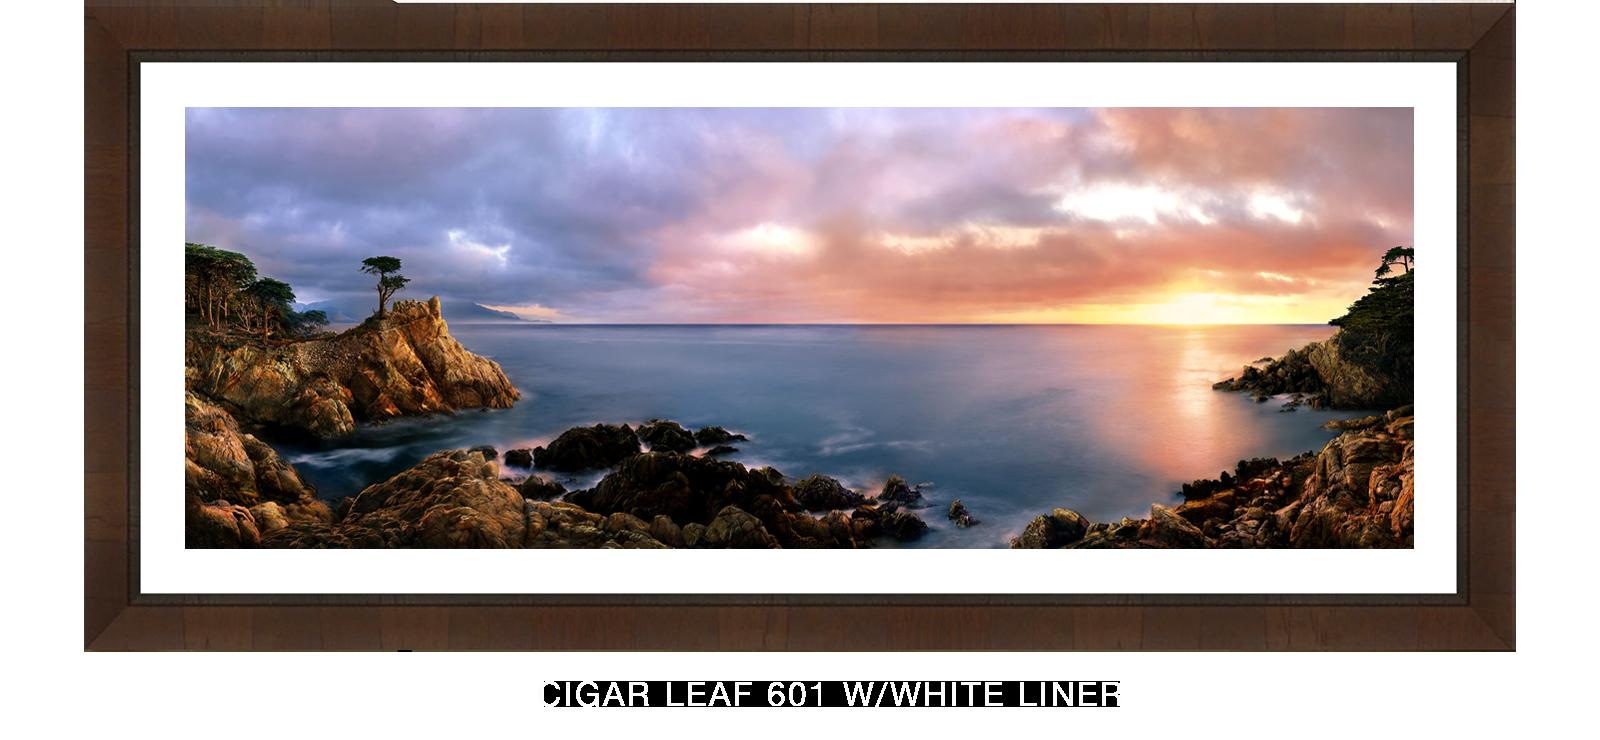 Carmel-Cigar-Leaf-601-w_Wht-Liner-T.png